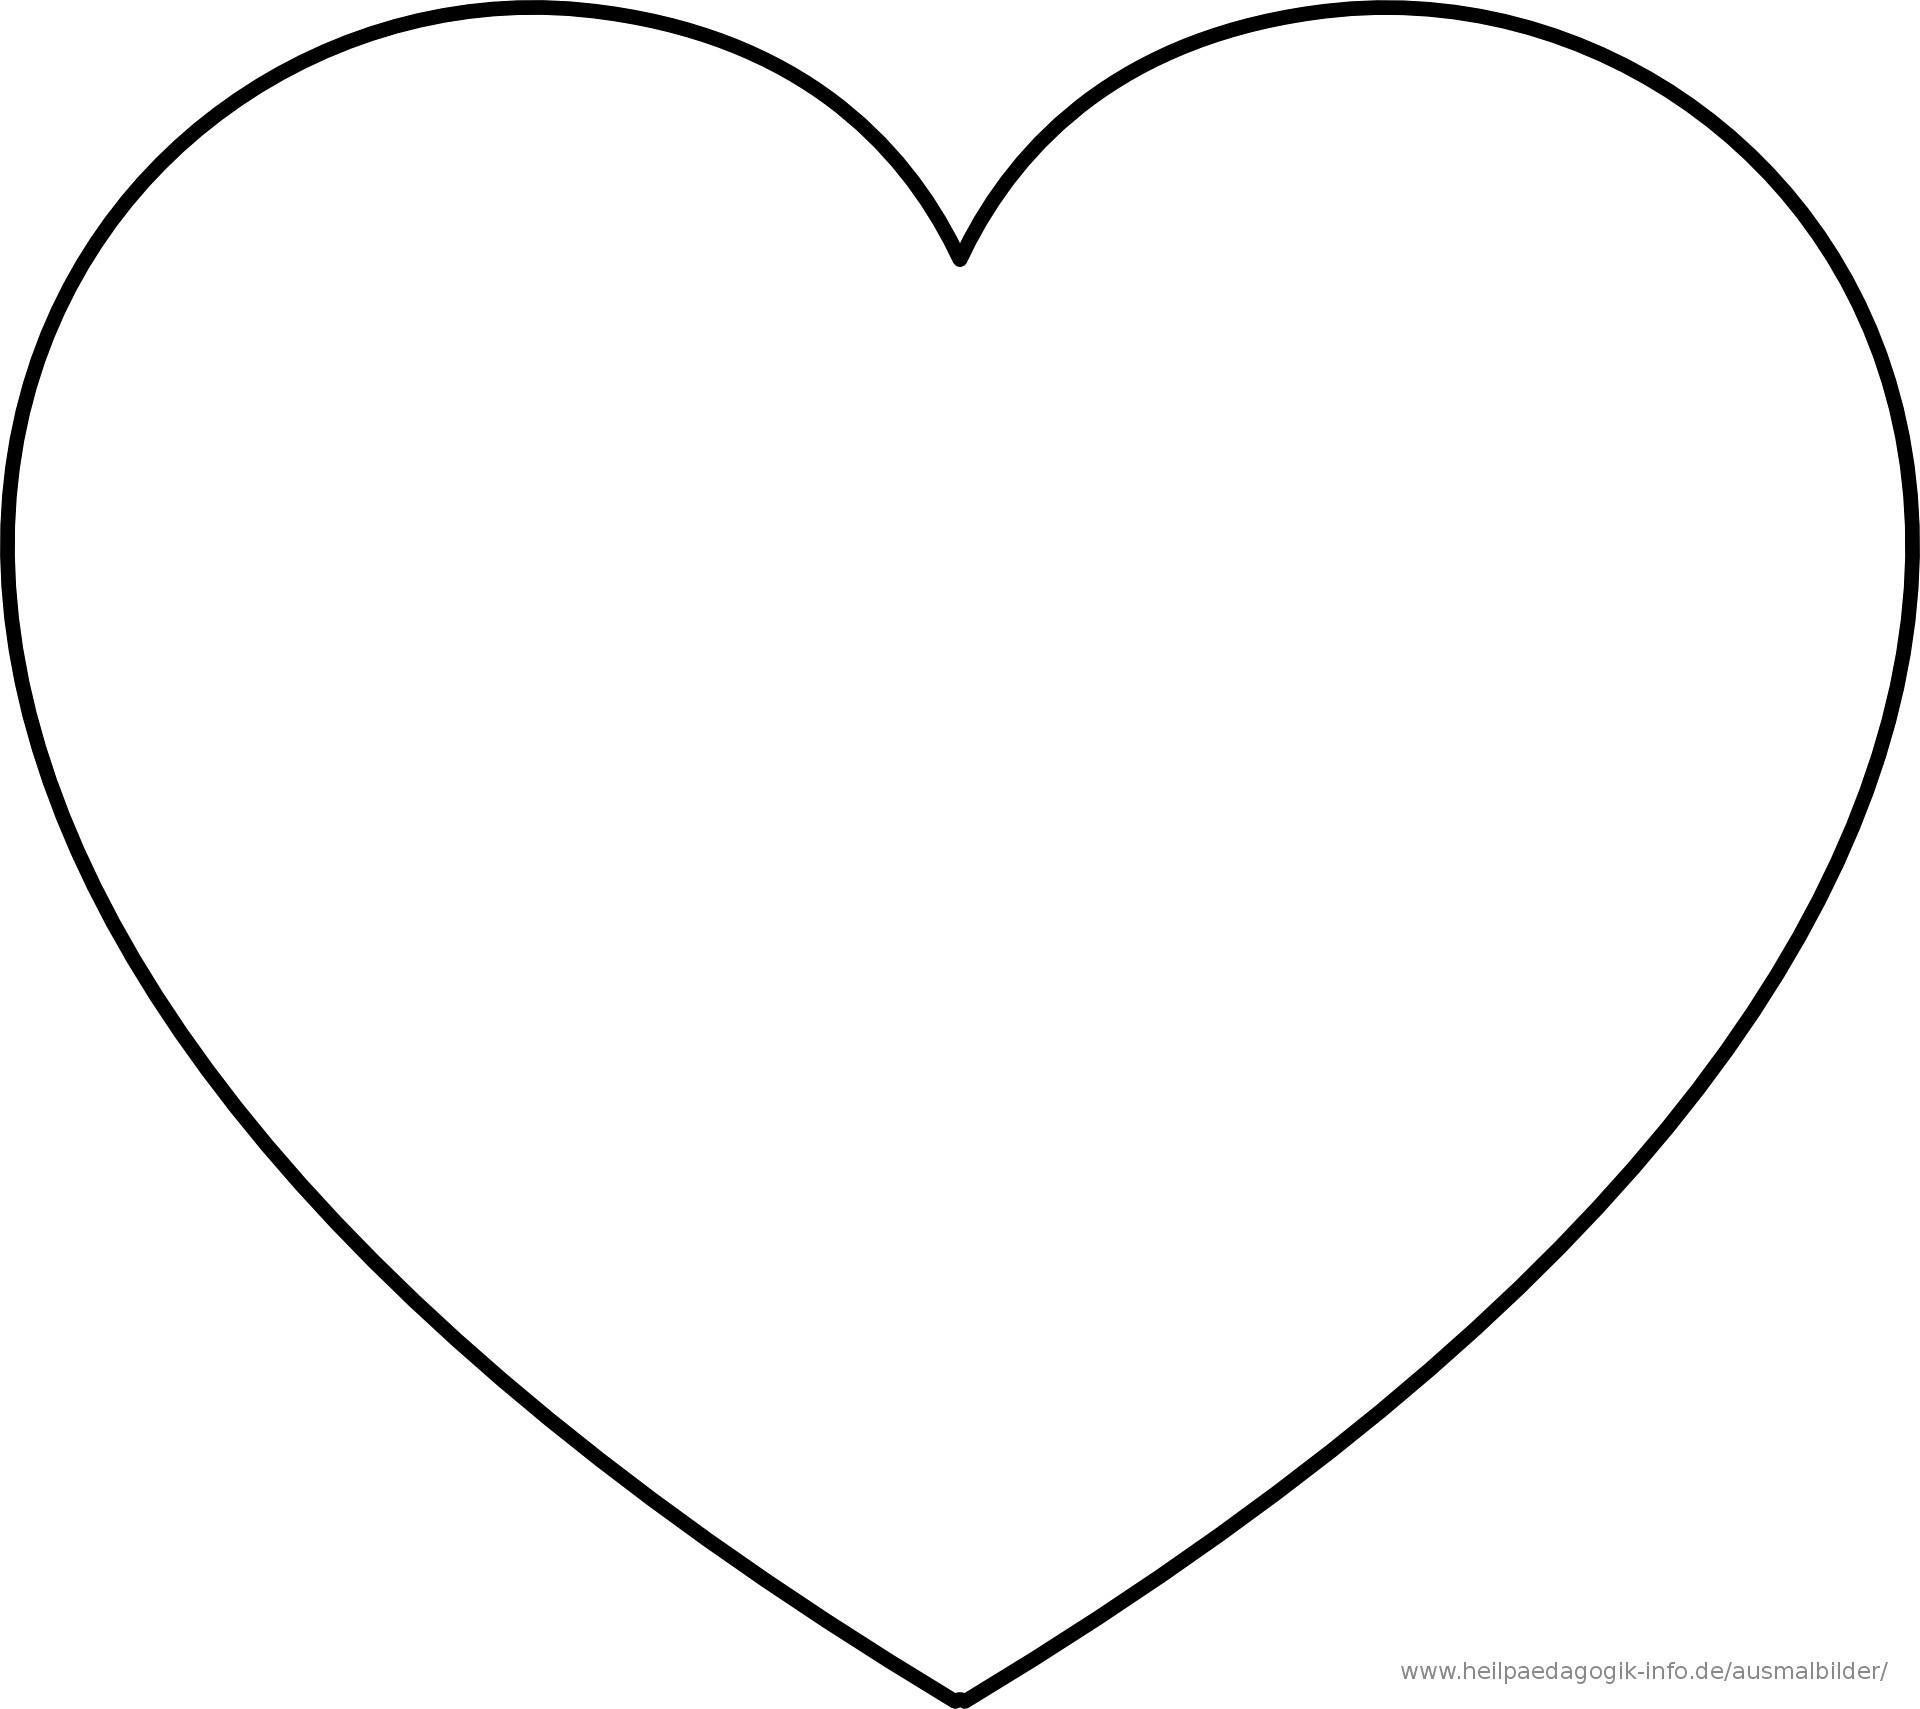 Herz Zum Ausmalen Neu Herz Malen Vorlage Bilder Ideen Fotografieren